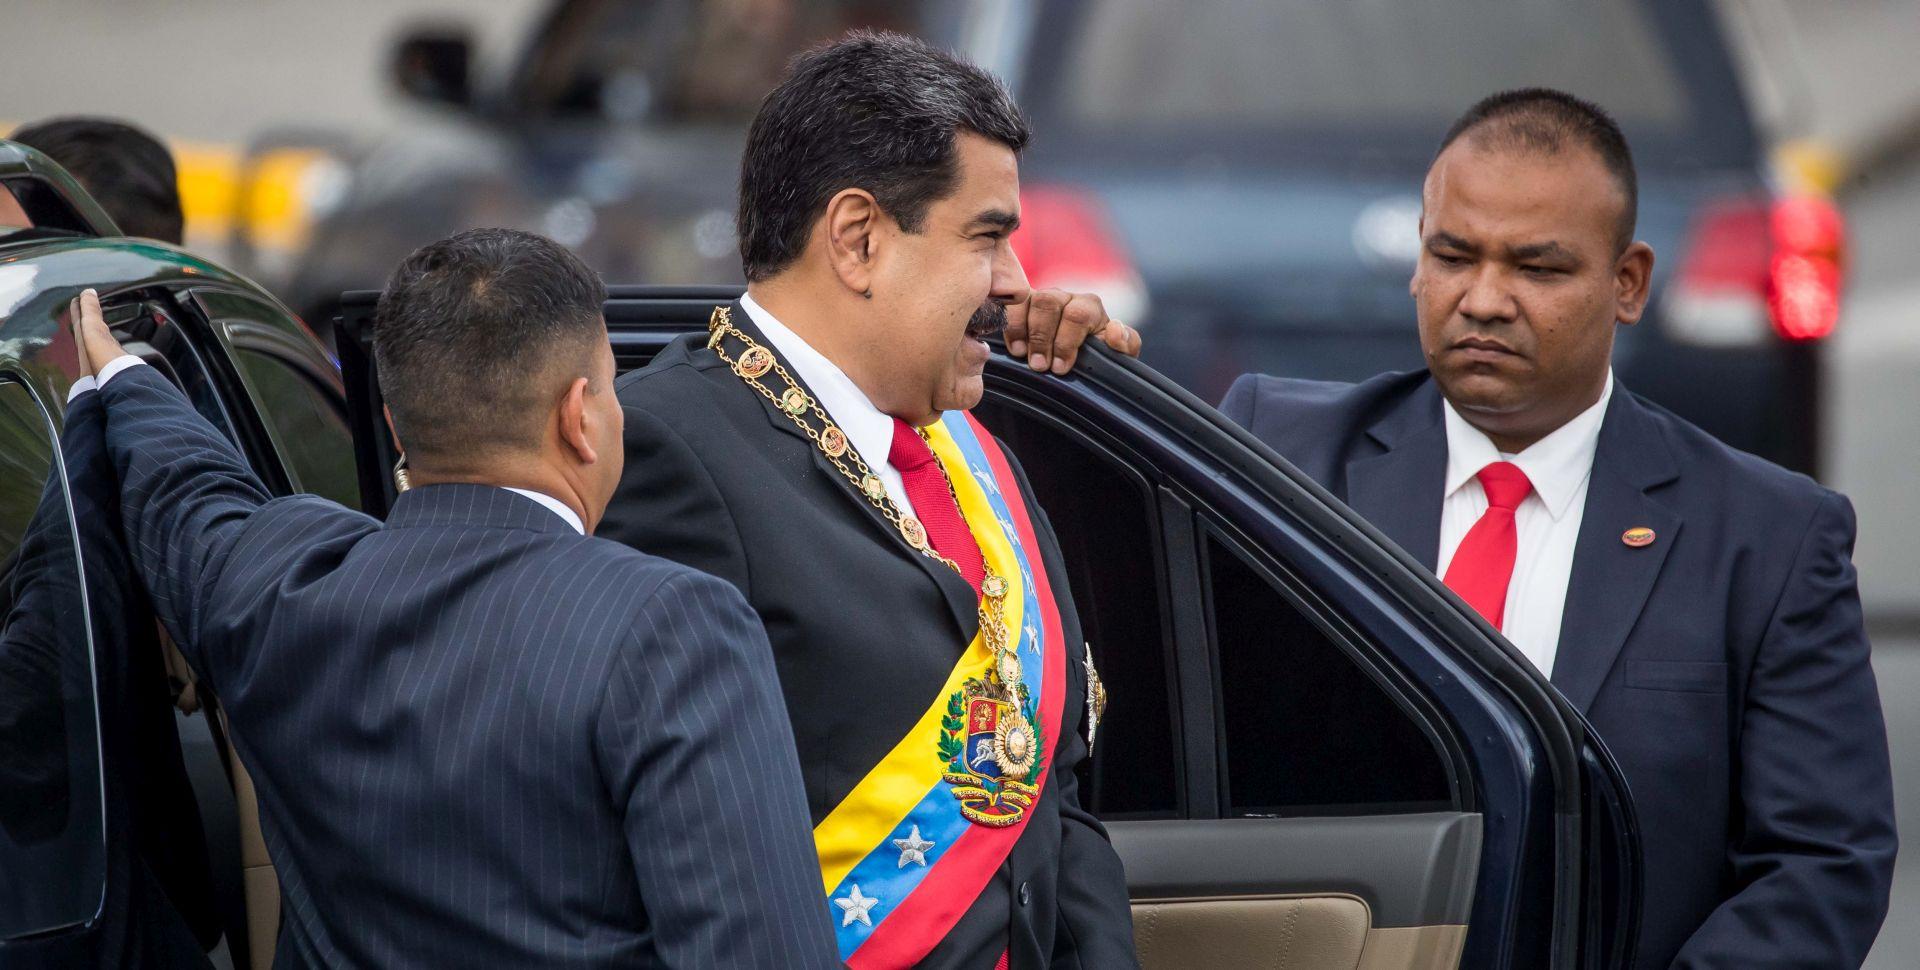 Maduro optužio čelnike oporbe za pokušaj atentata na njega